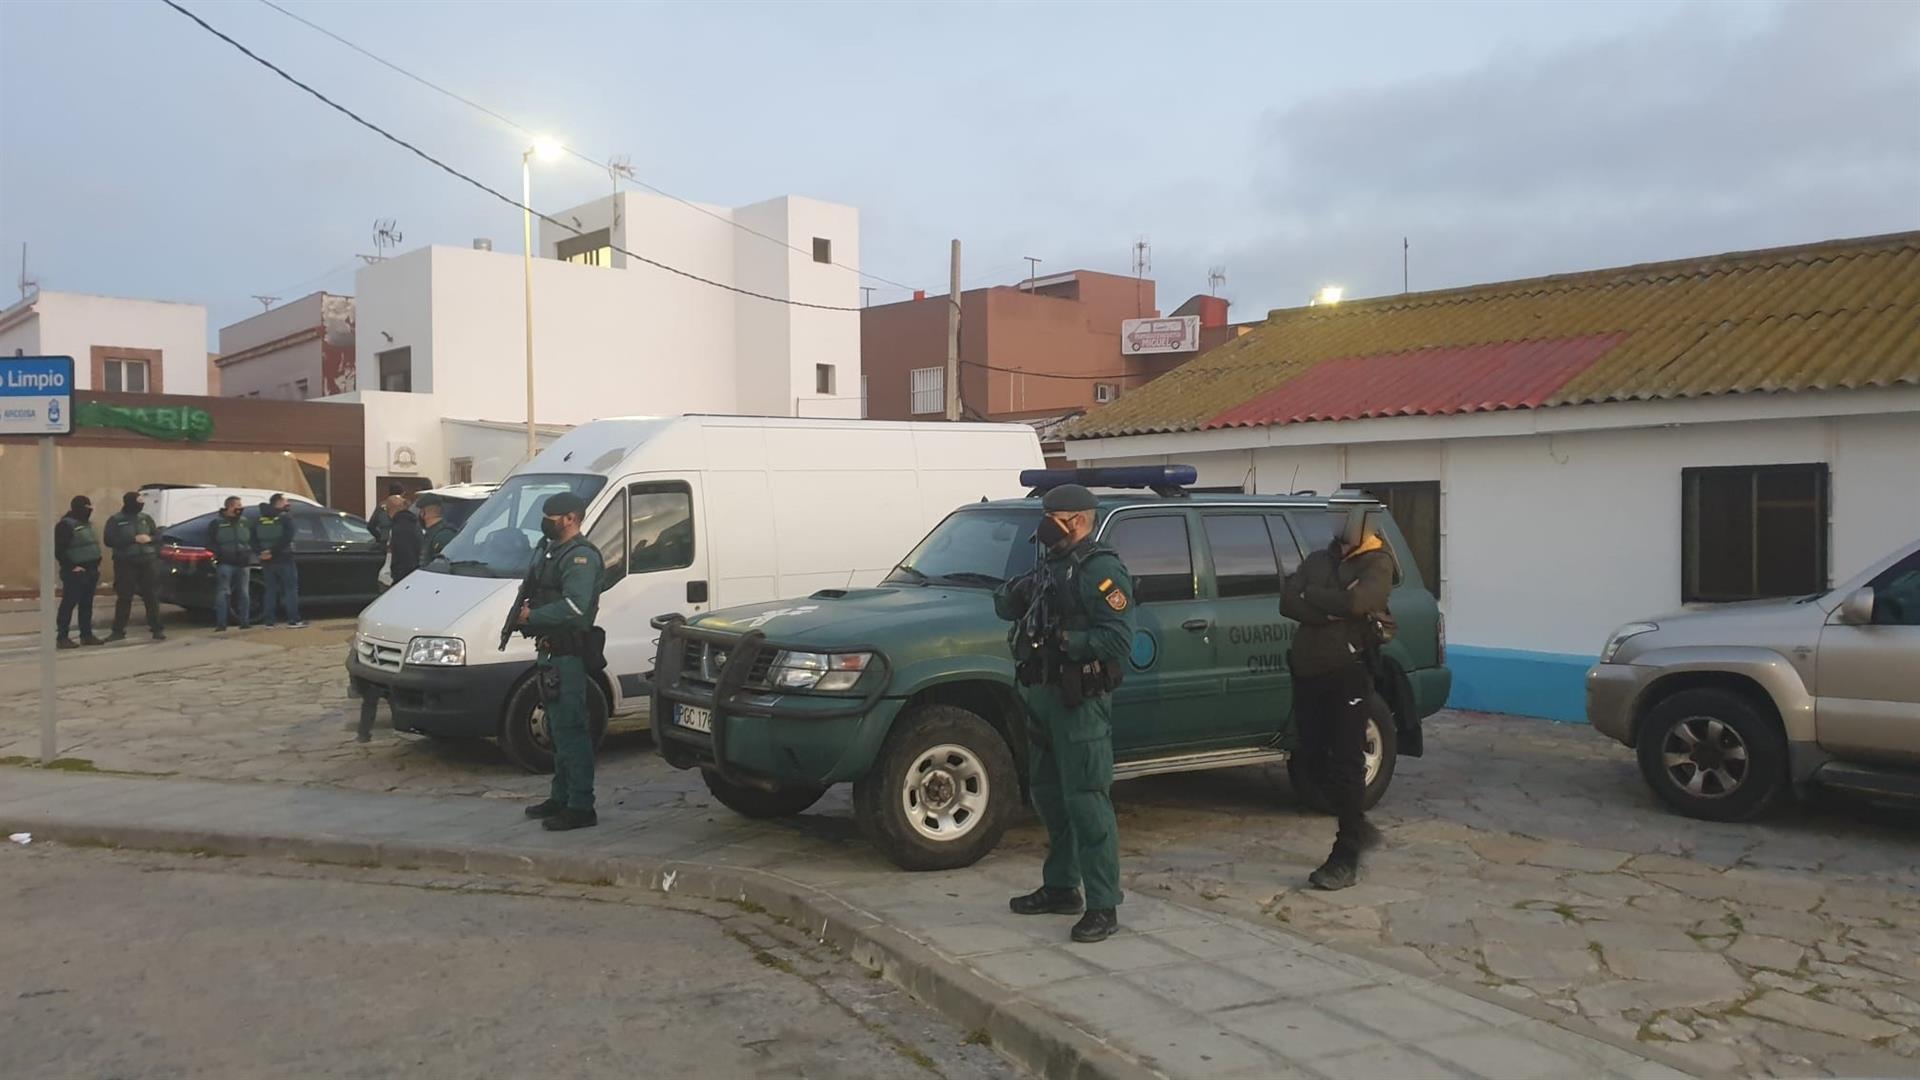 Incautadas más de dos toneladas de hachís y 20 embarcaciones en la operación en Almería, Málaga y La Línea